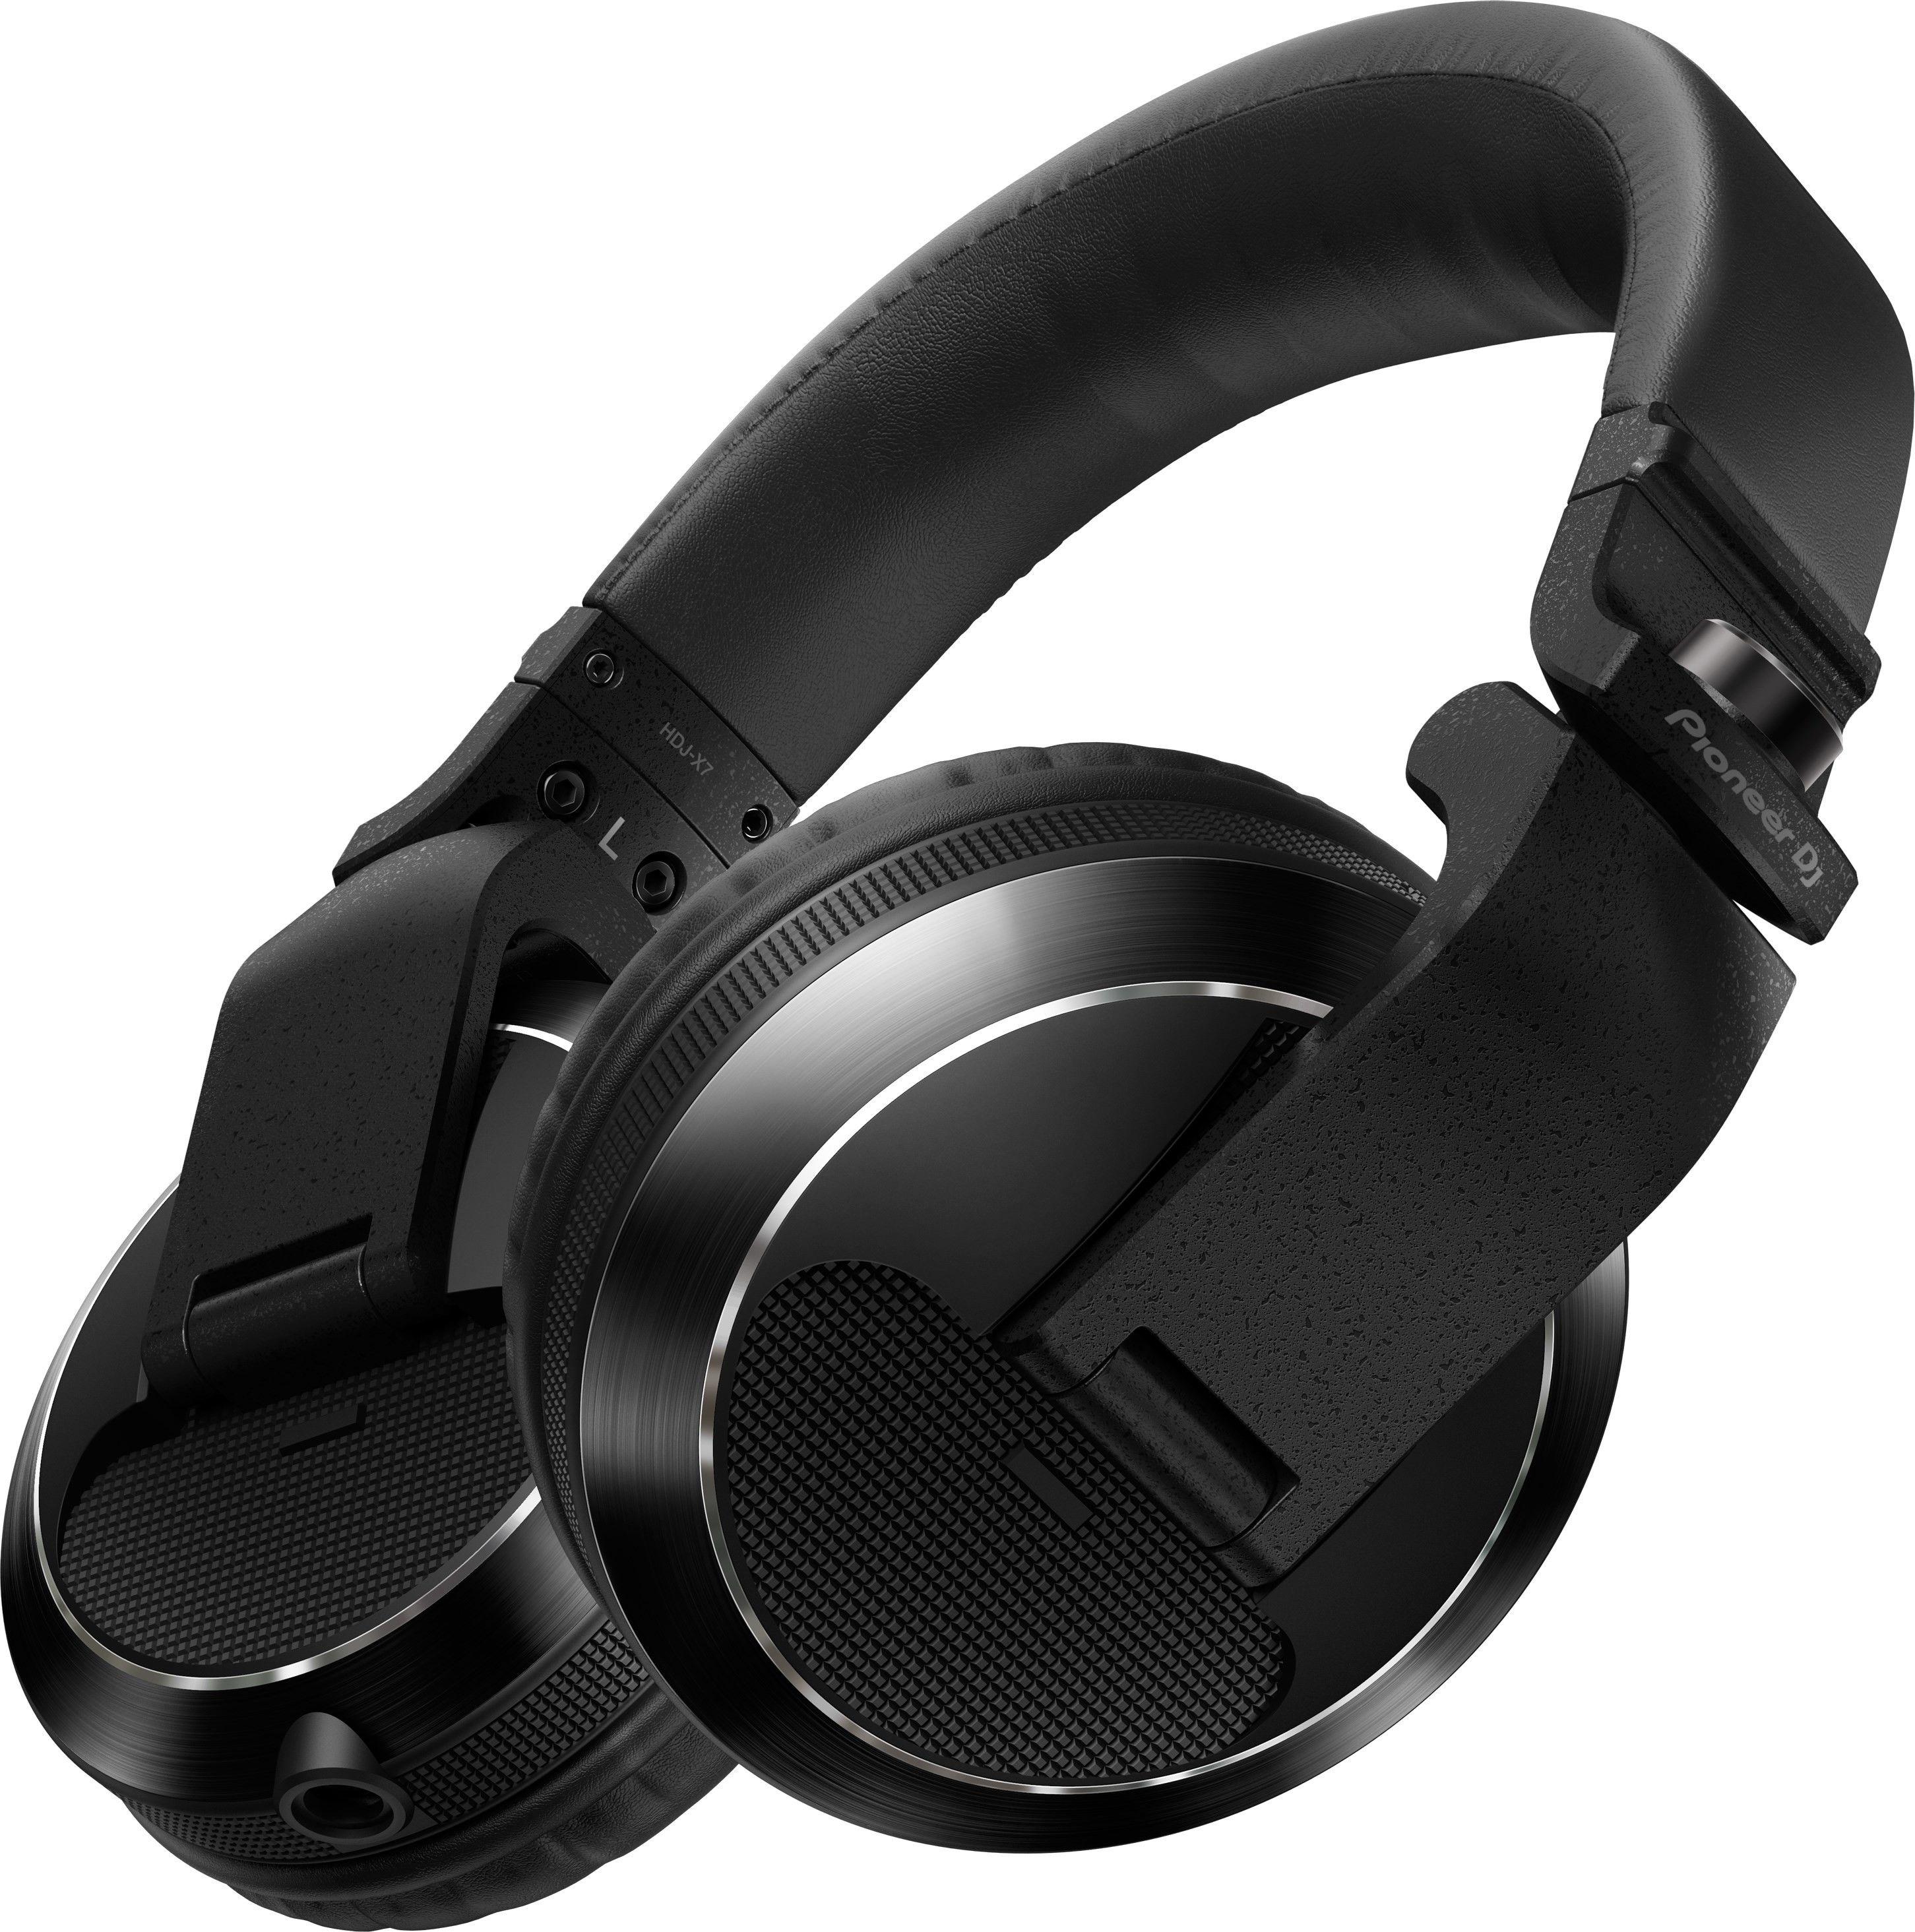 PIONEER HDJ-X7-S - srebrne słuchawki DJ serii X